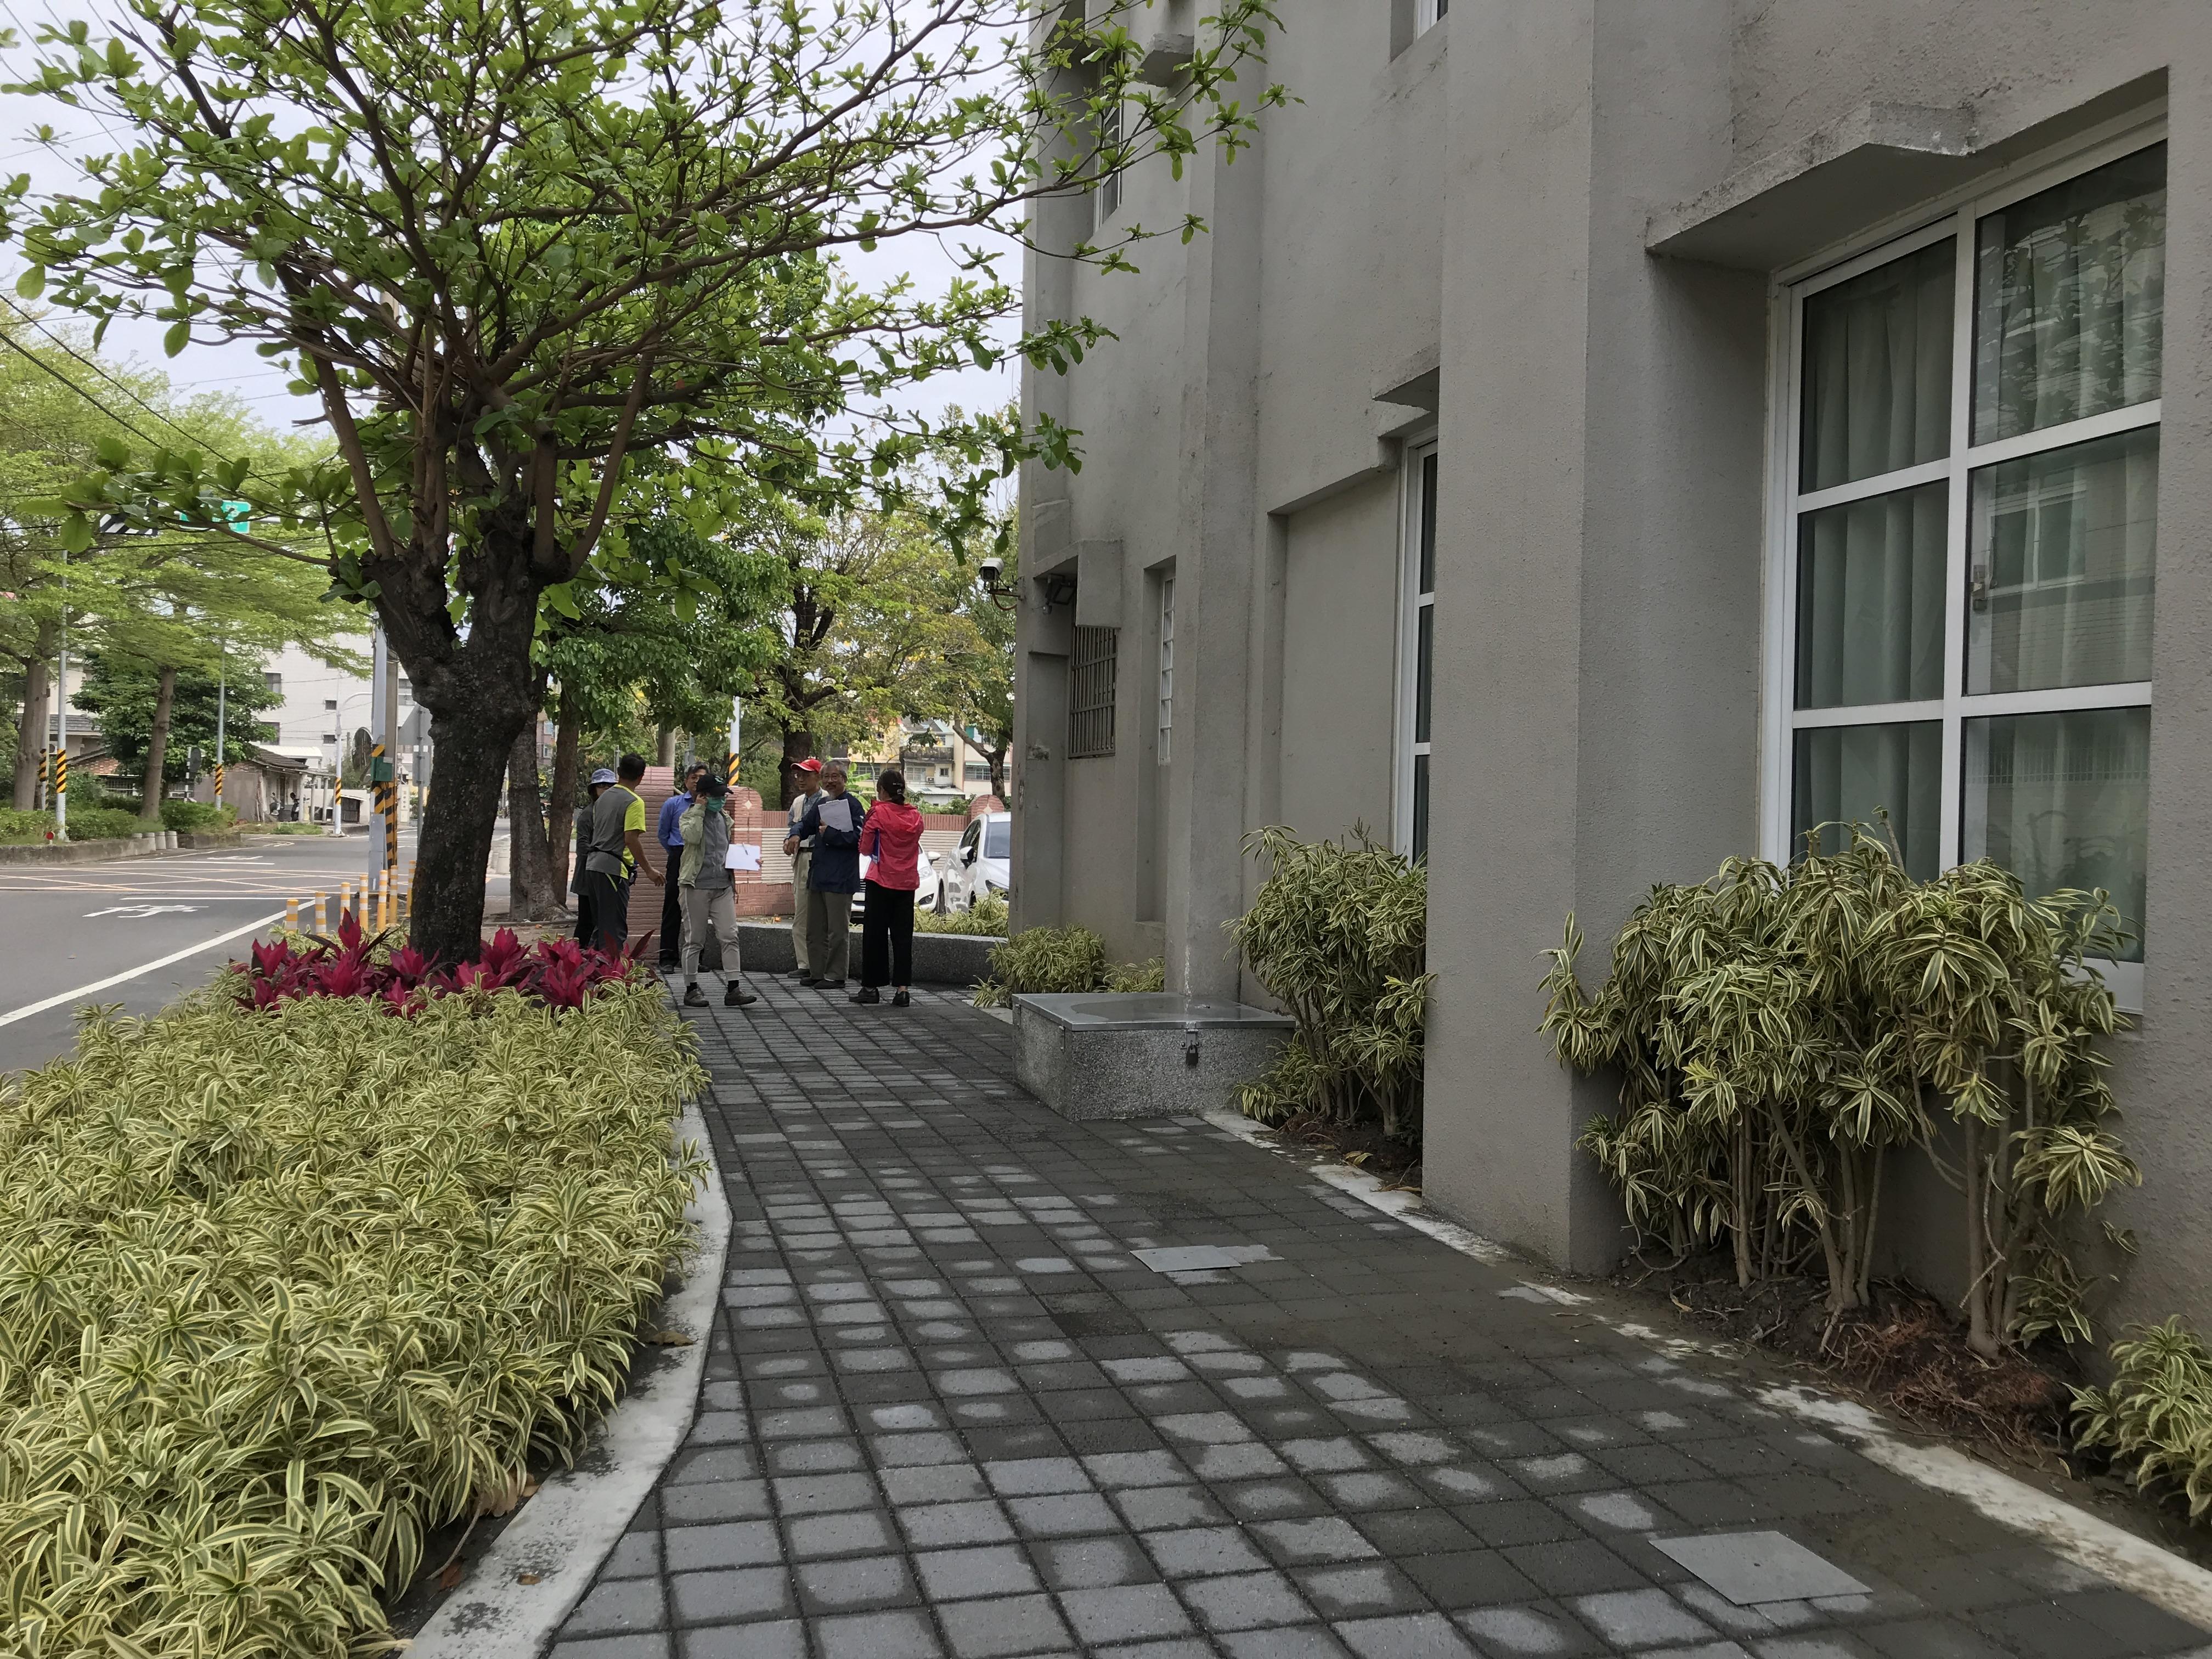 【佳里區佳里國小_佳里光廊】去除圍牆,增加人行道並改善空間